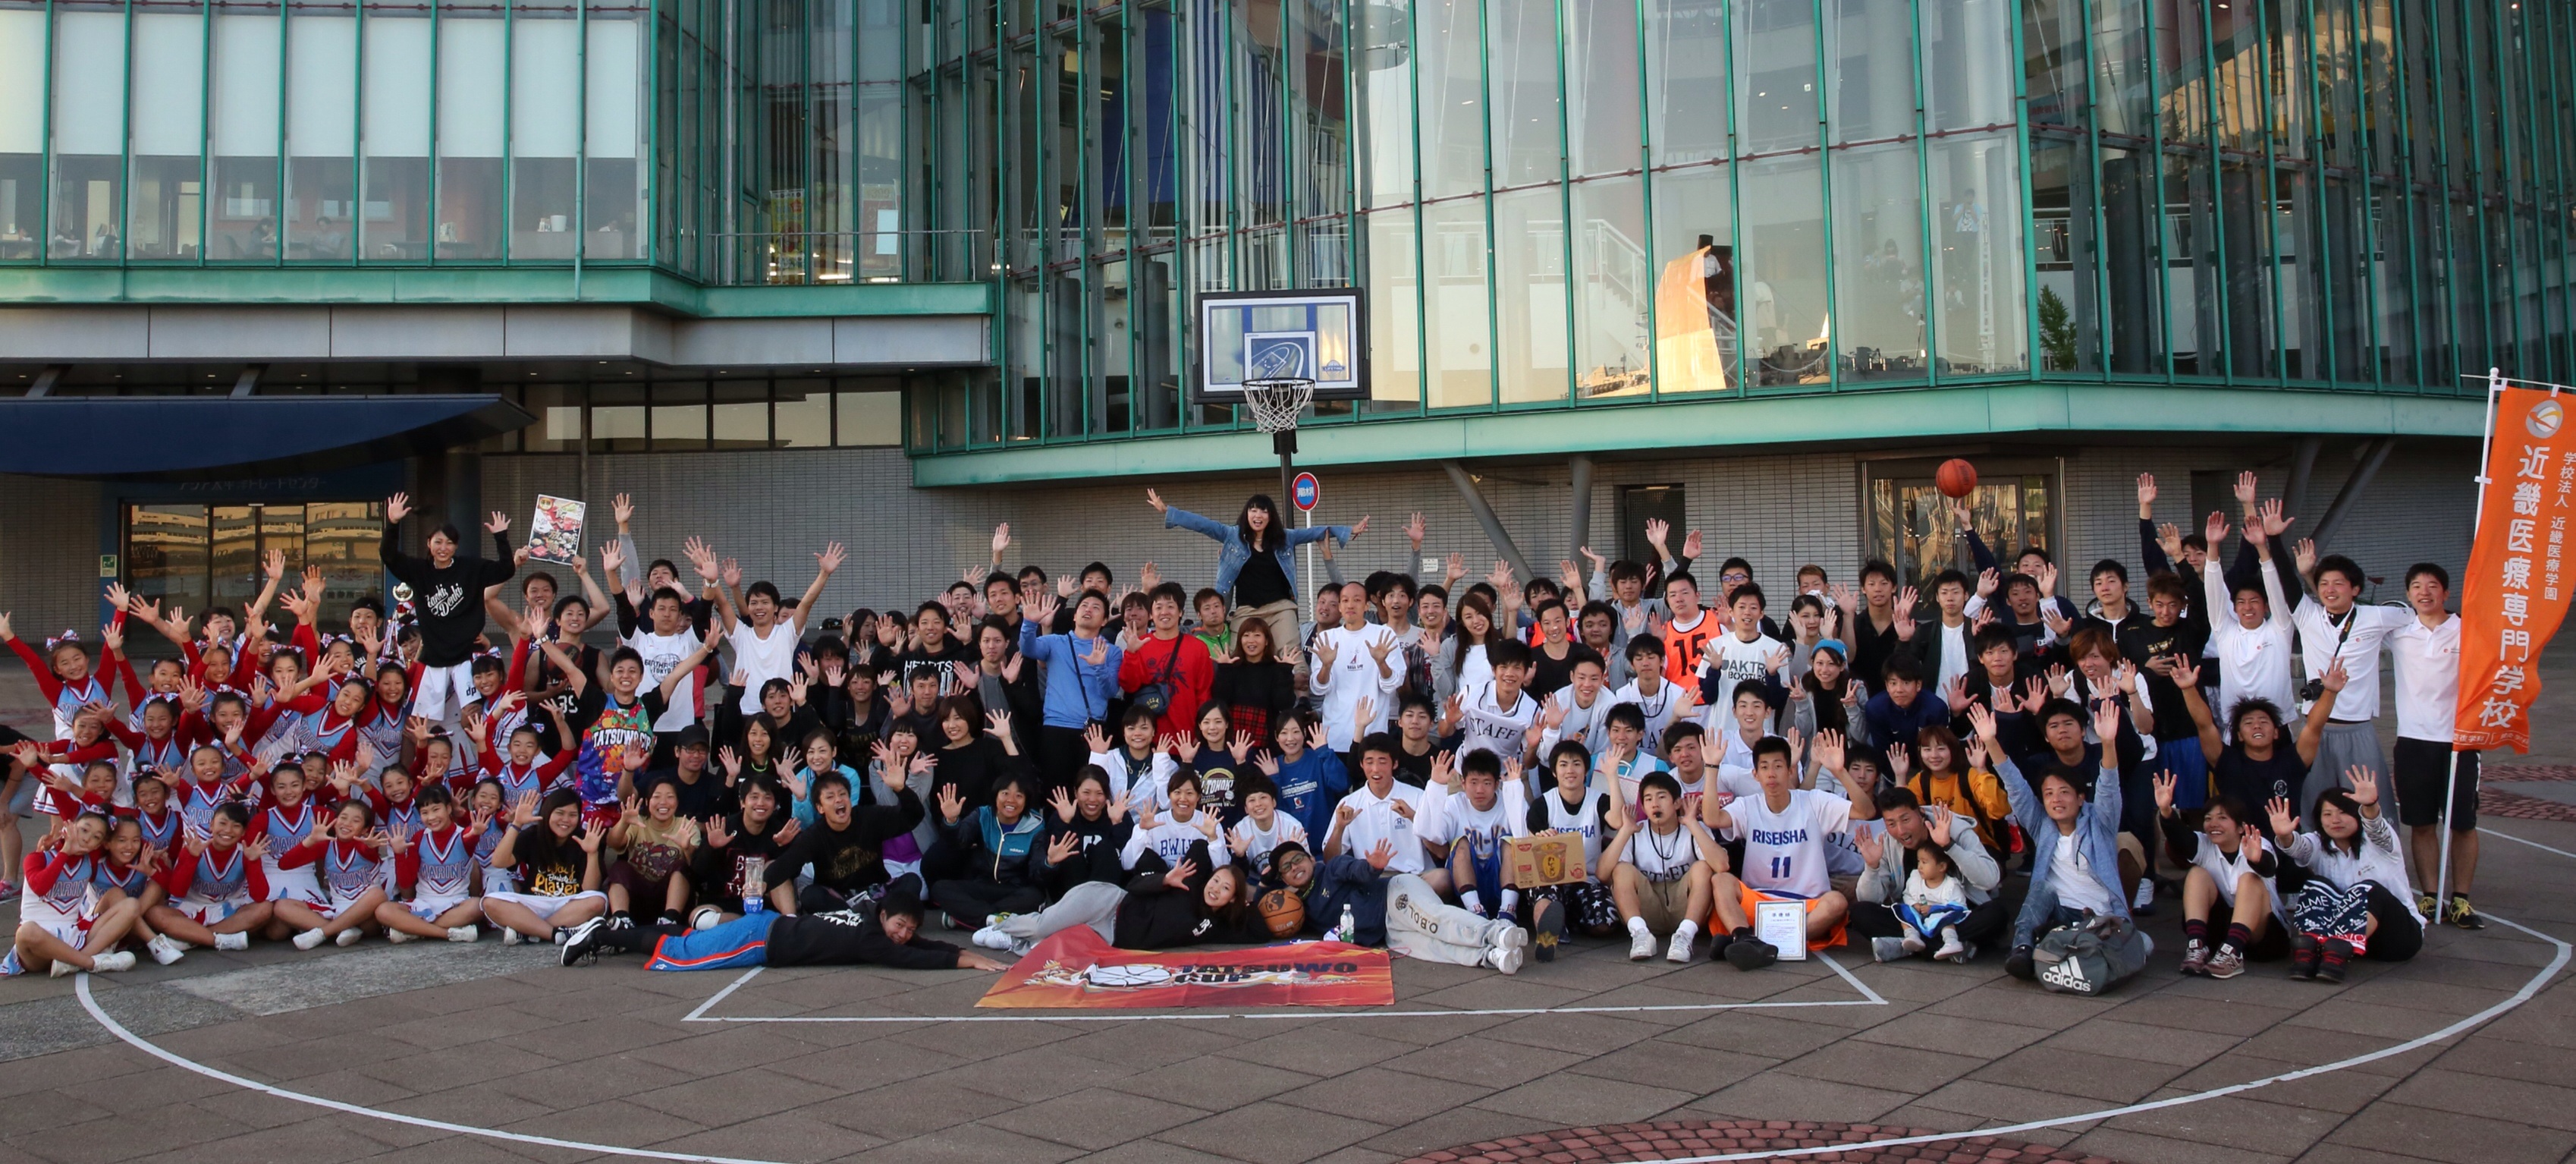 第3回 3ATtaCk3 @大阪南港ATC